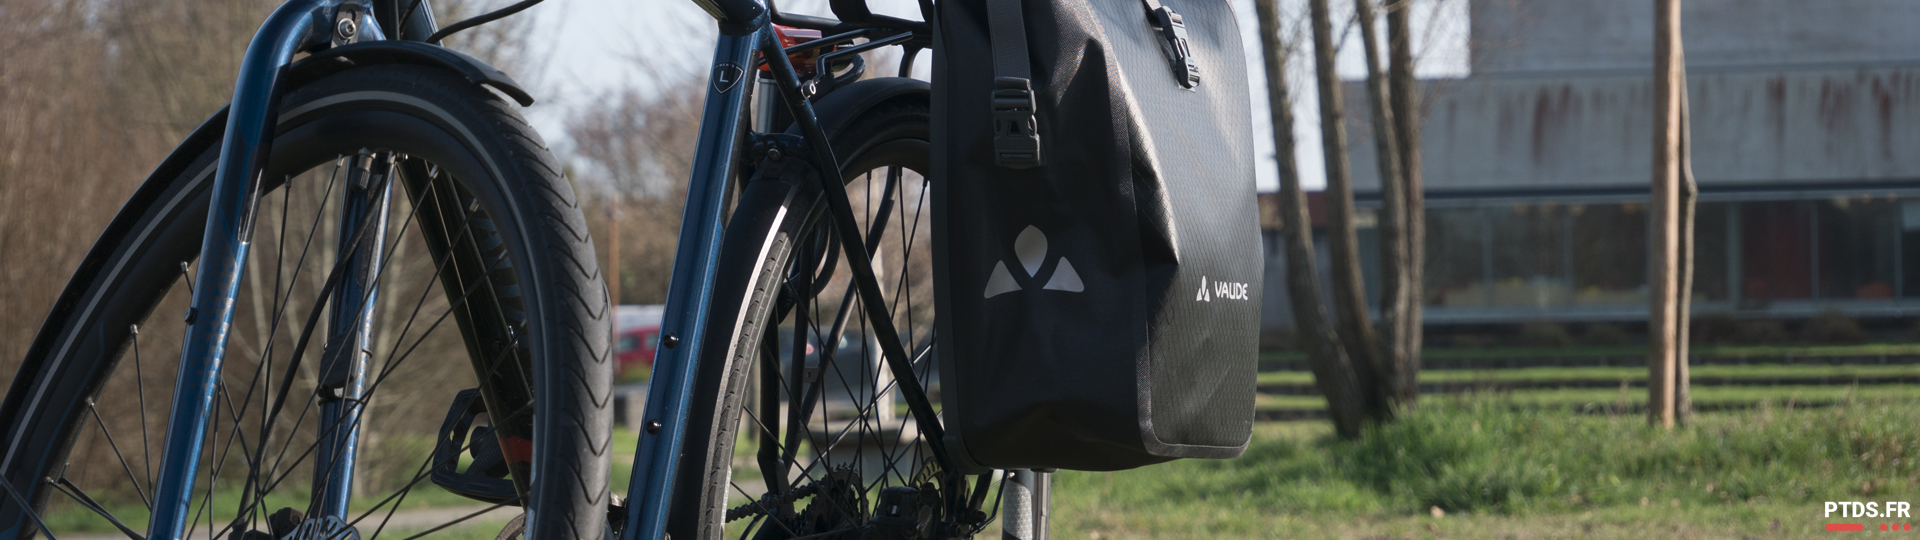 Mon équipement vélotaf pour 2019 8